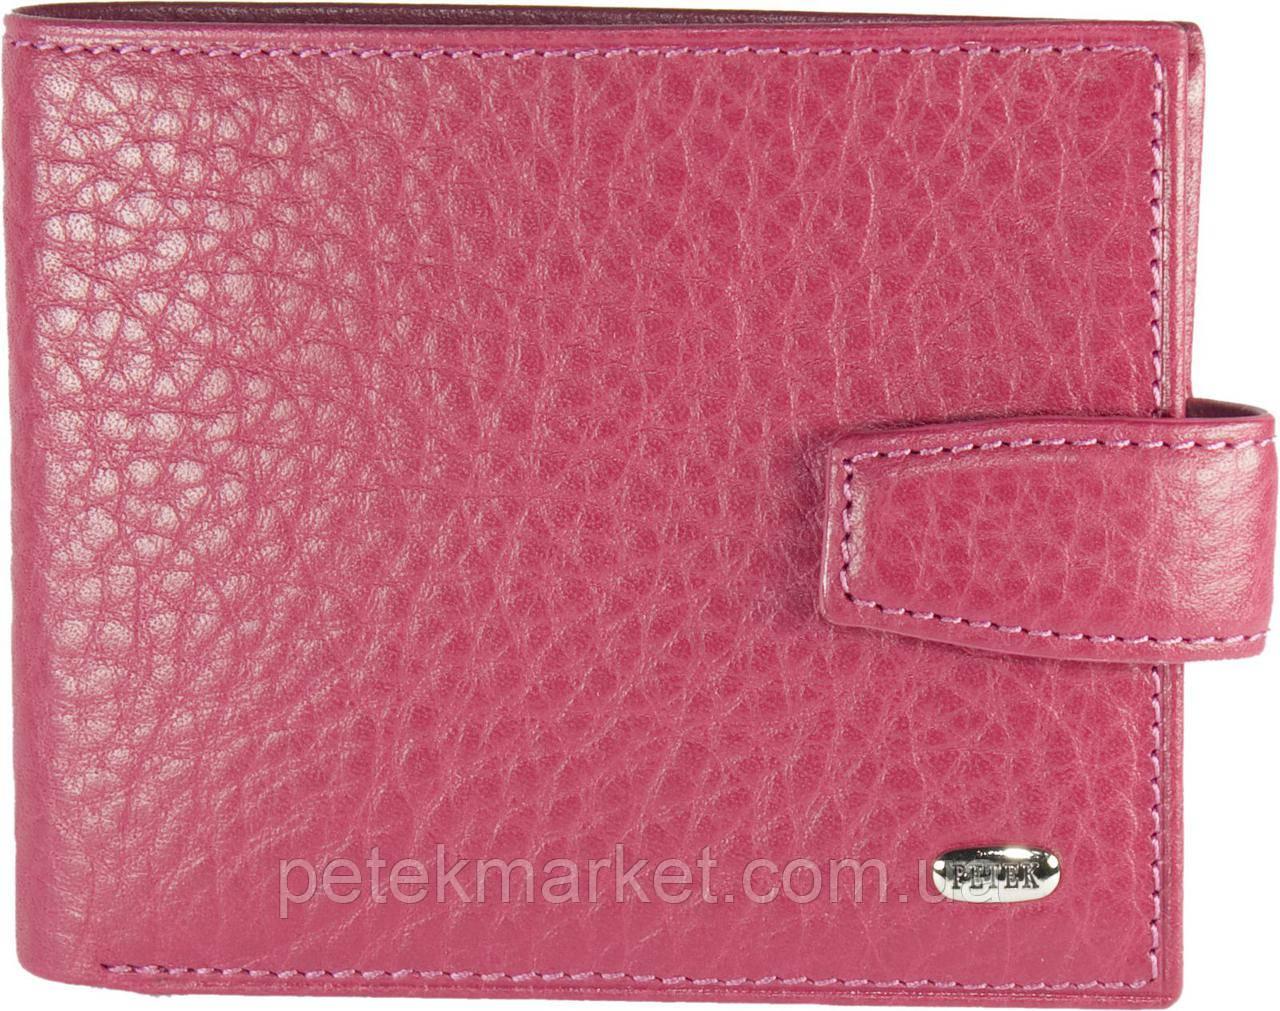 Кредитница Petek 1017, Розовый, Естественная фактура, Матовая